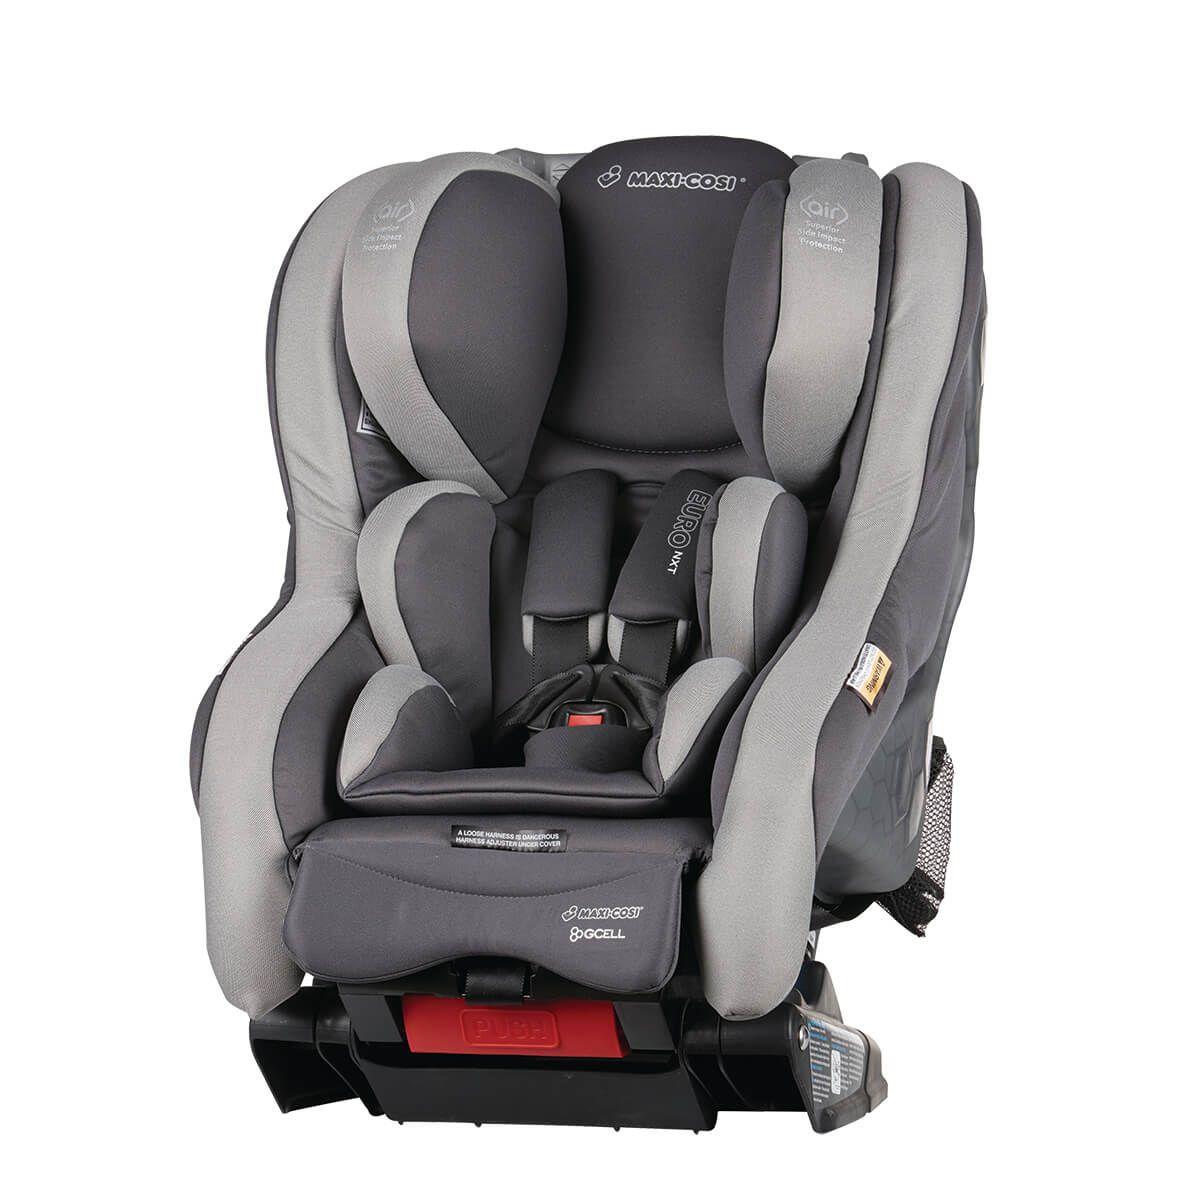 Maxi Cosi Euro Nxt Isogo Convertible Car Seat Car Seats Baby Car Seats Baby Car Mirror